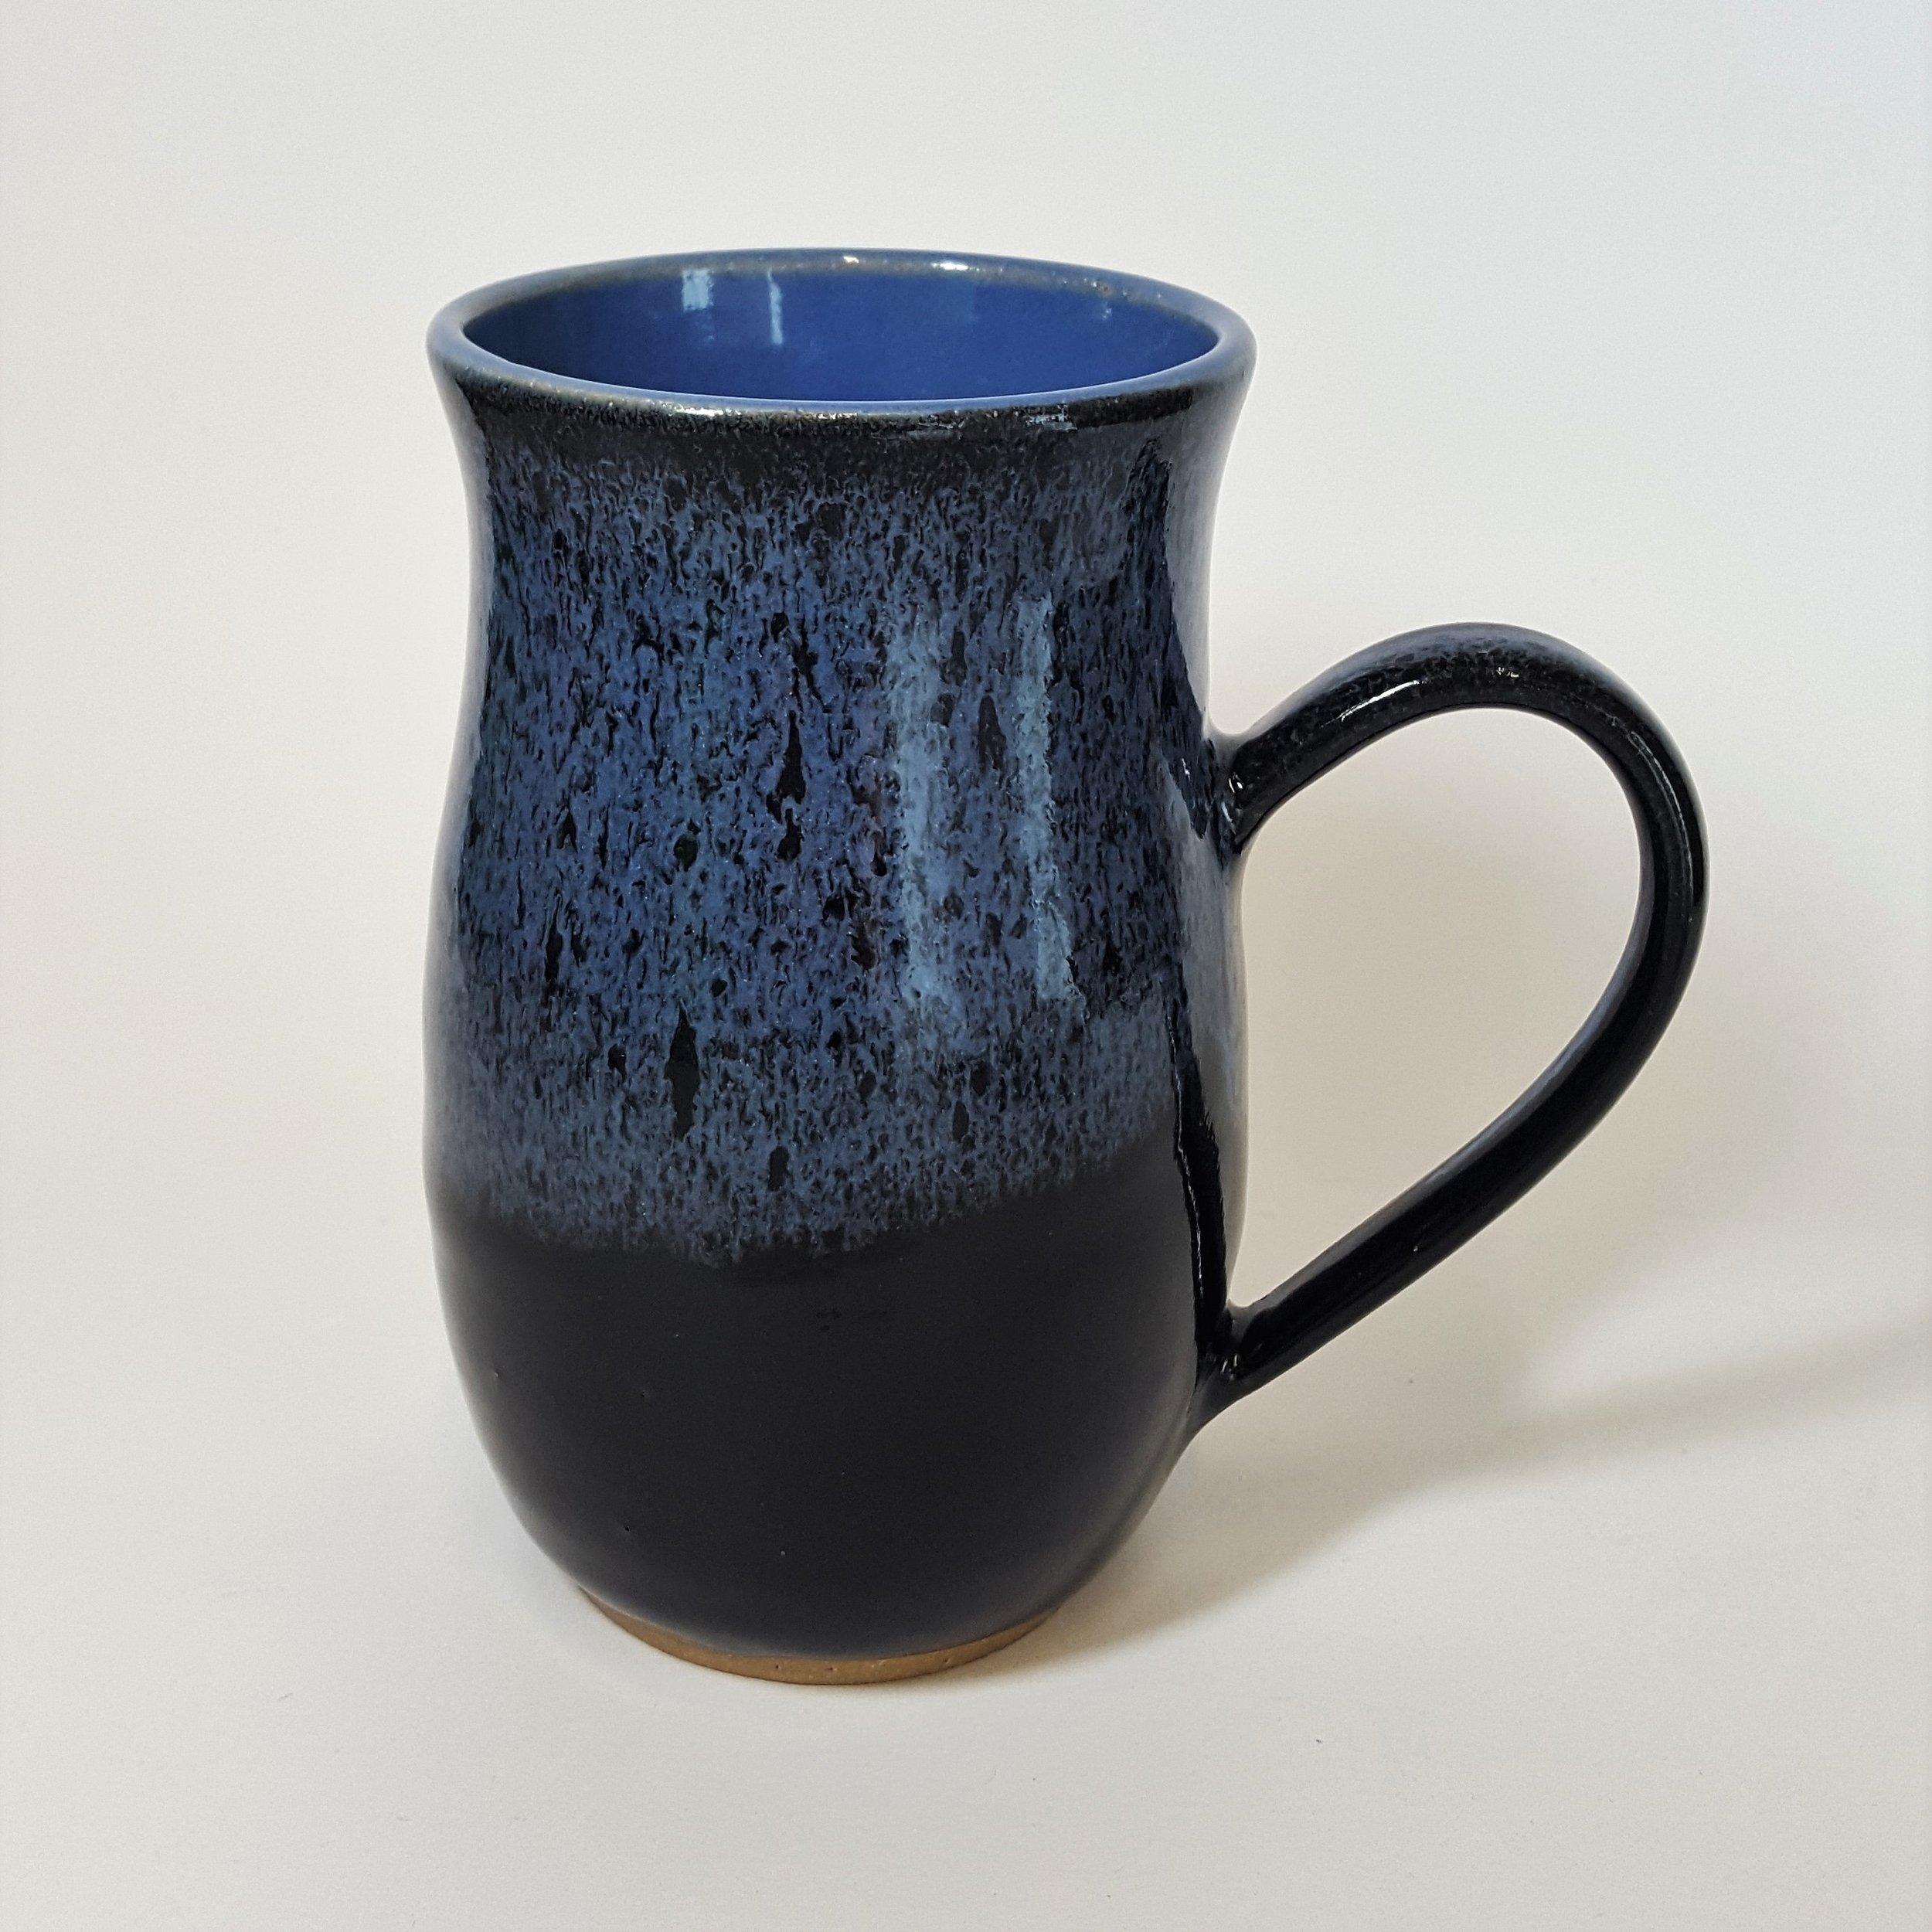 20 oz. Wit & Wisdom Mug - $32